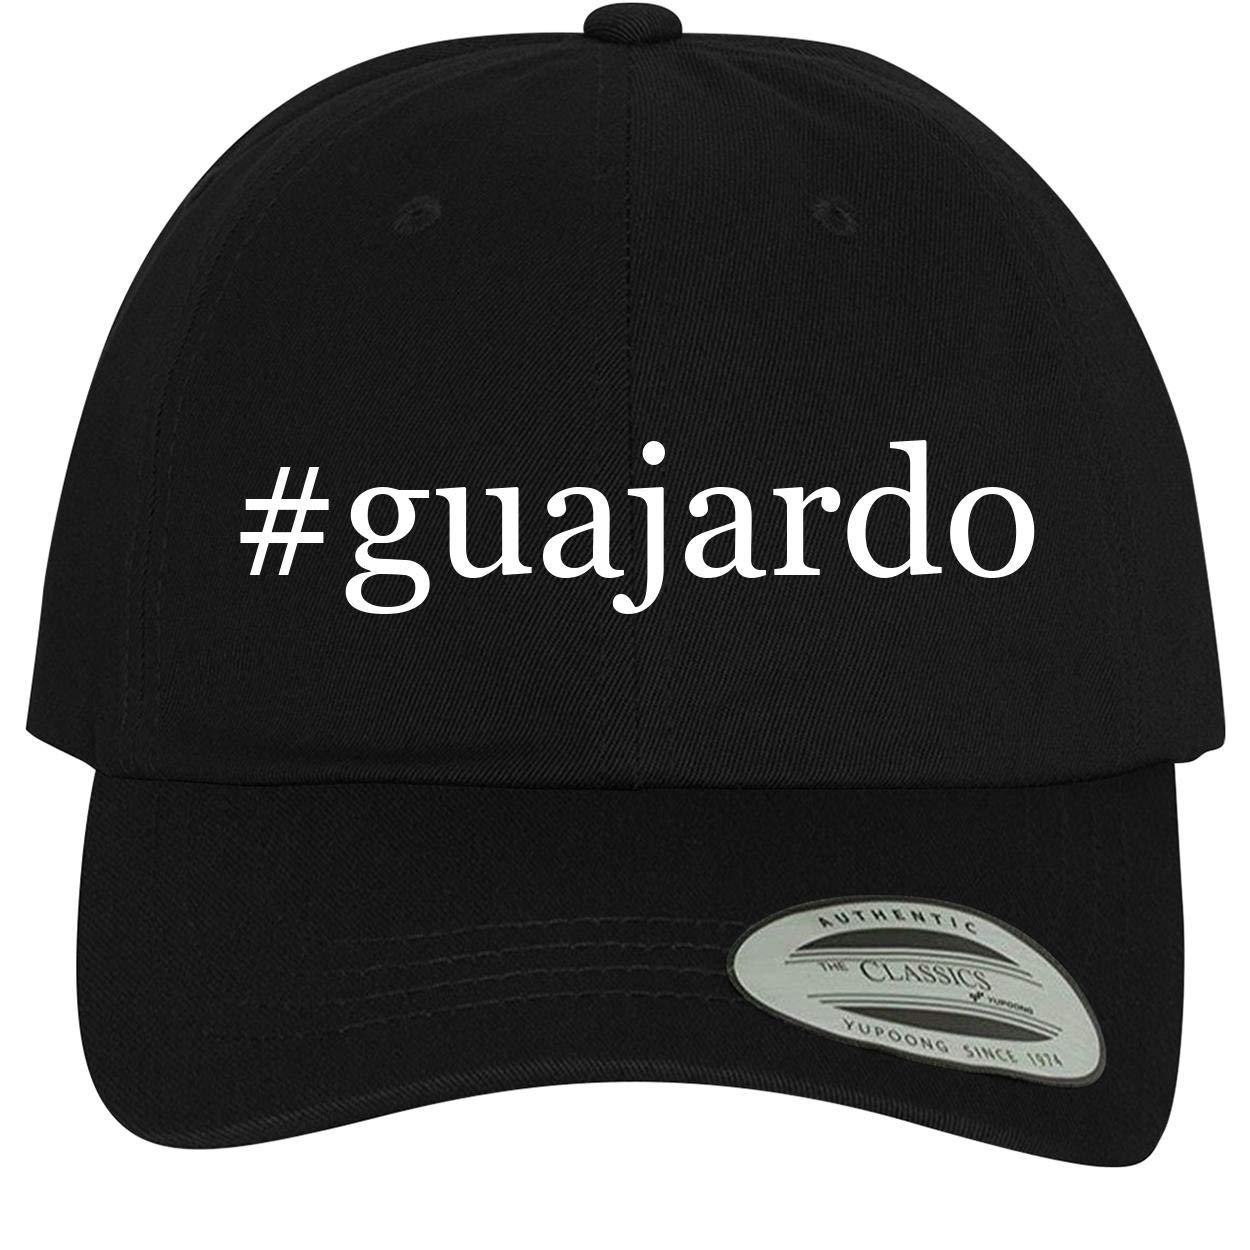 Comfortable Dad Hat Baseball Cap BH Cool Designs #Guajardo